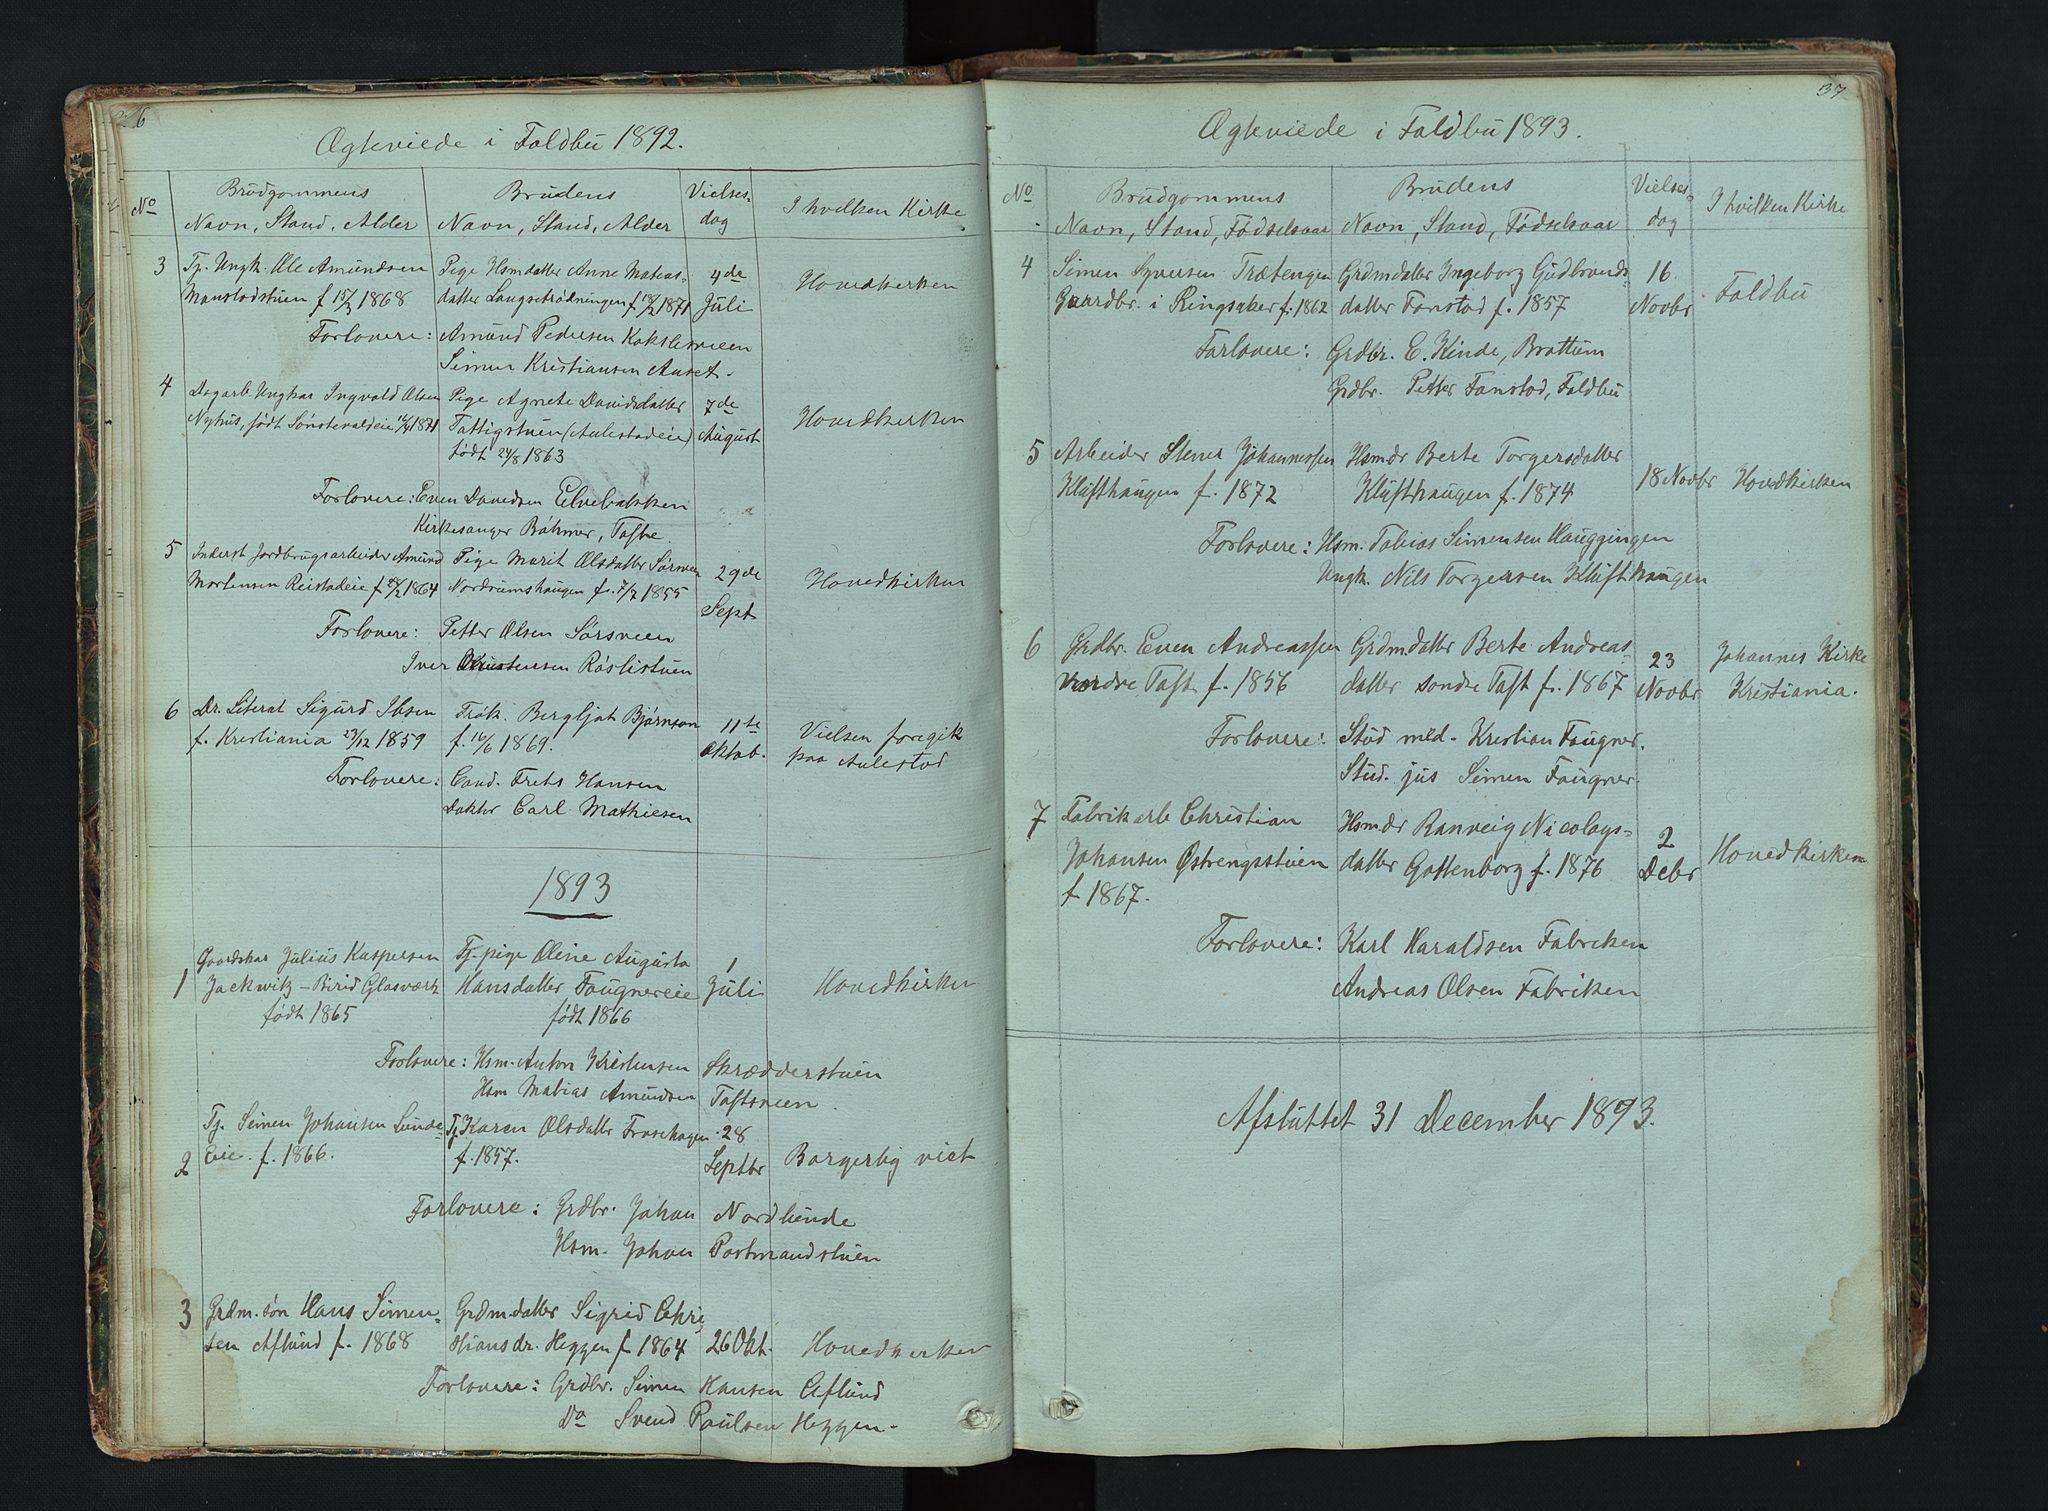 SAH, Gausdal prestekontor, Klokkerbok nr. 6, 1846-1893, s. 36-37